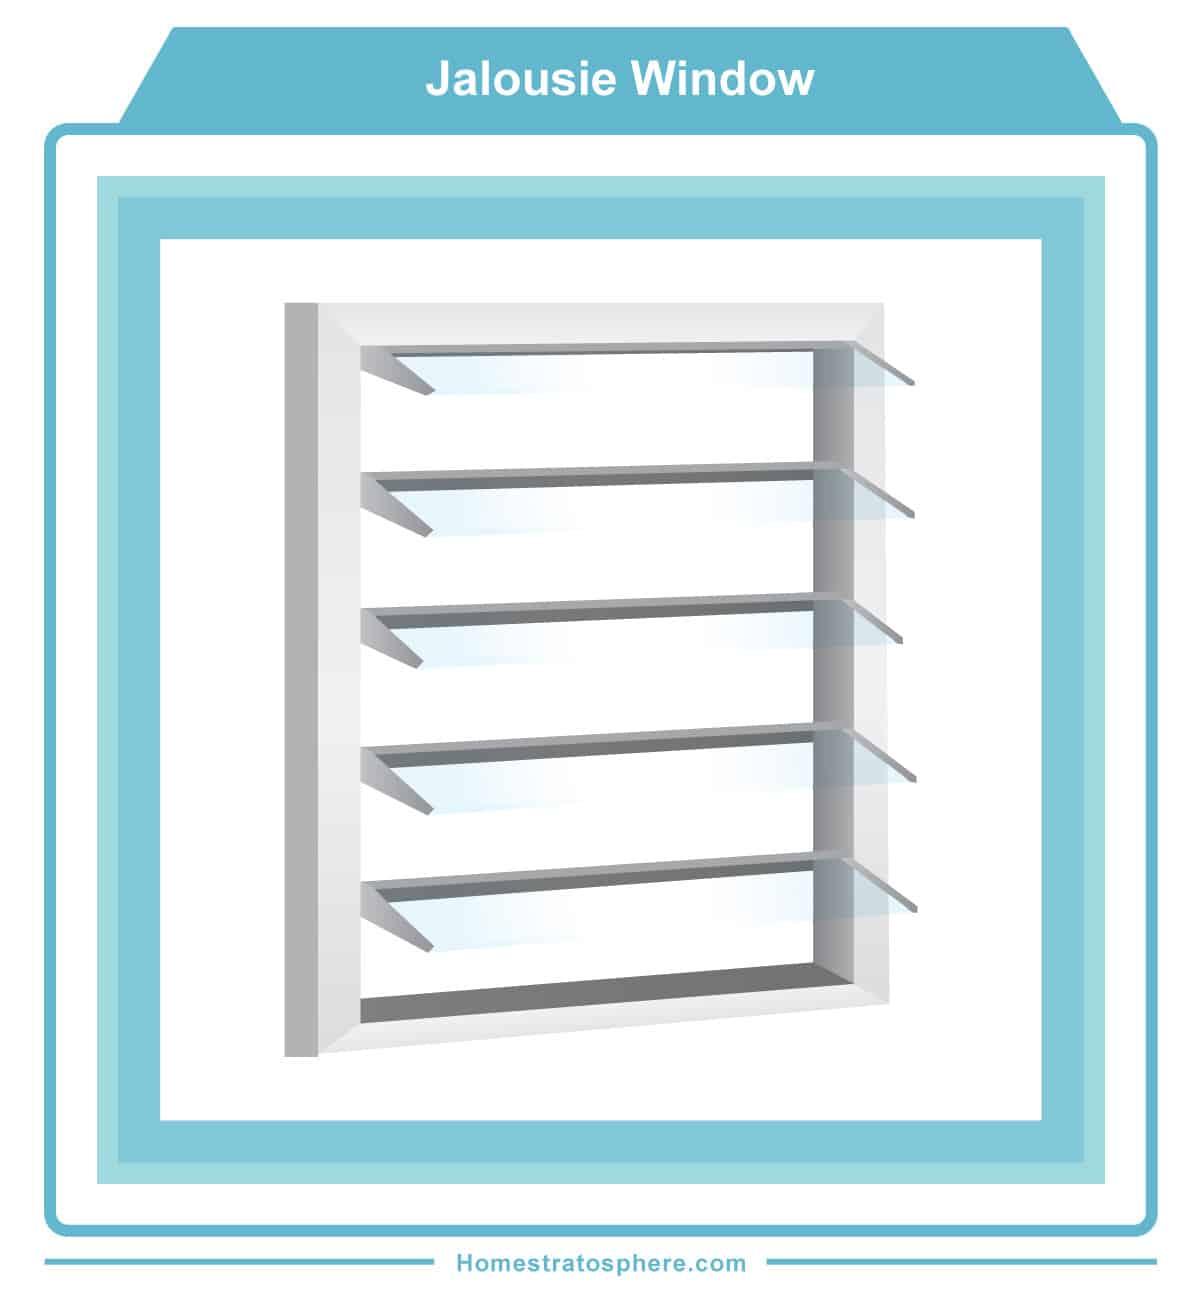 Jalousie style window (diagram)